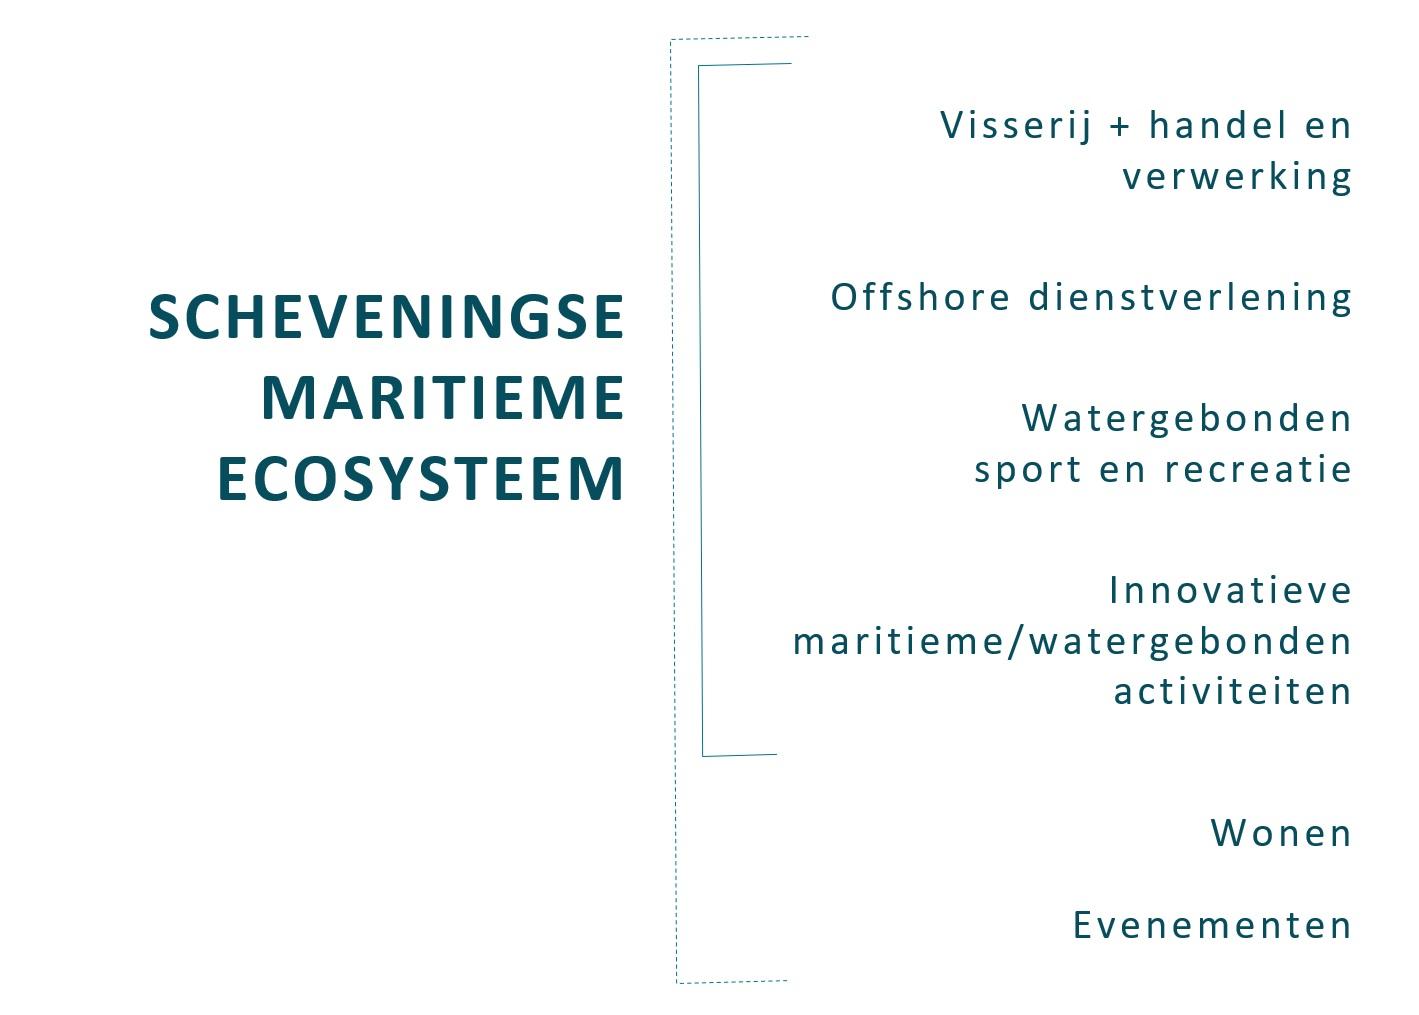 maritiem ecosysteem